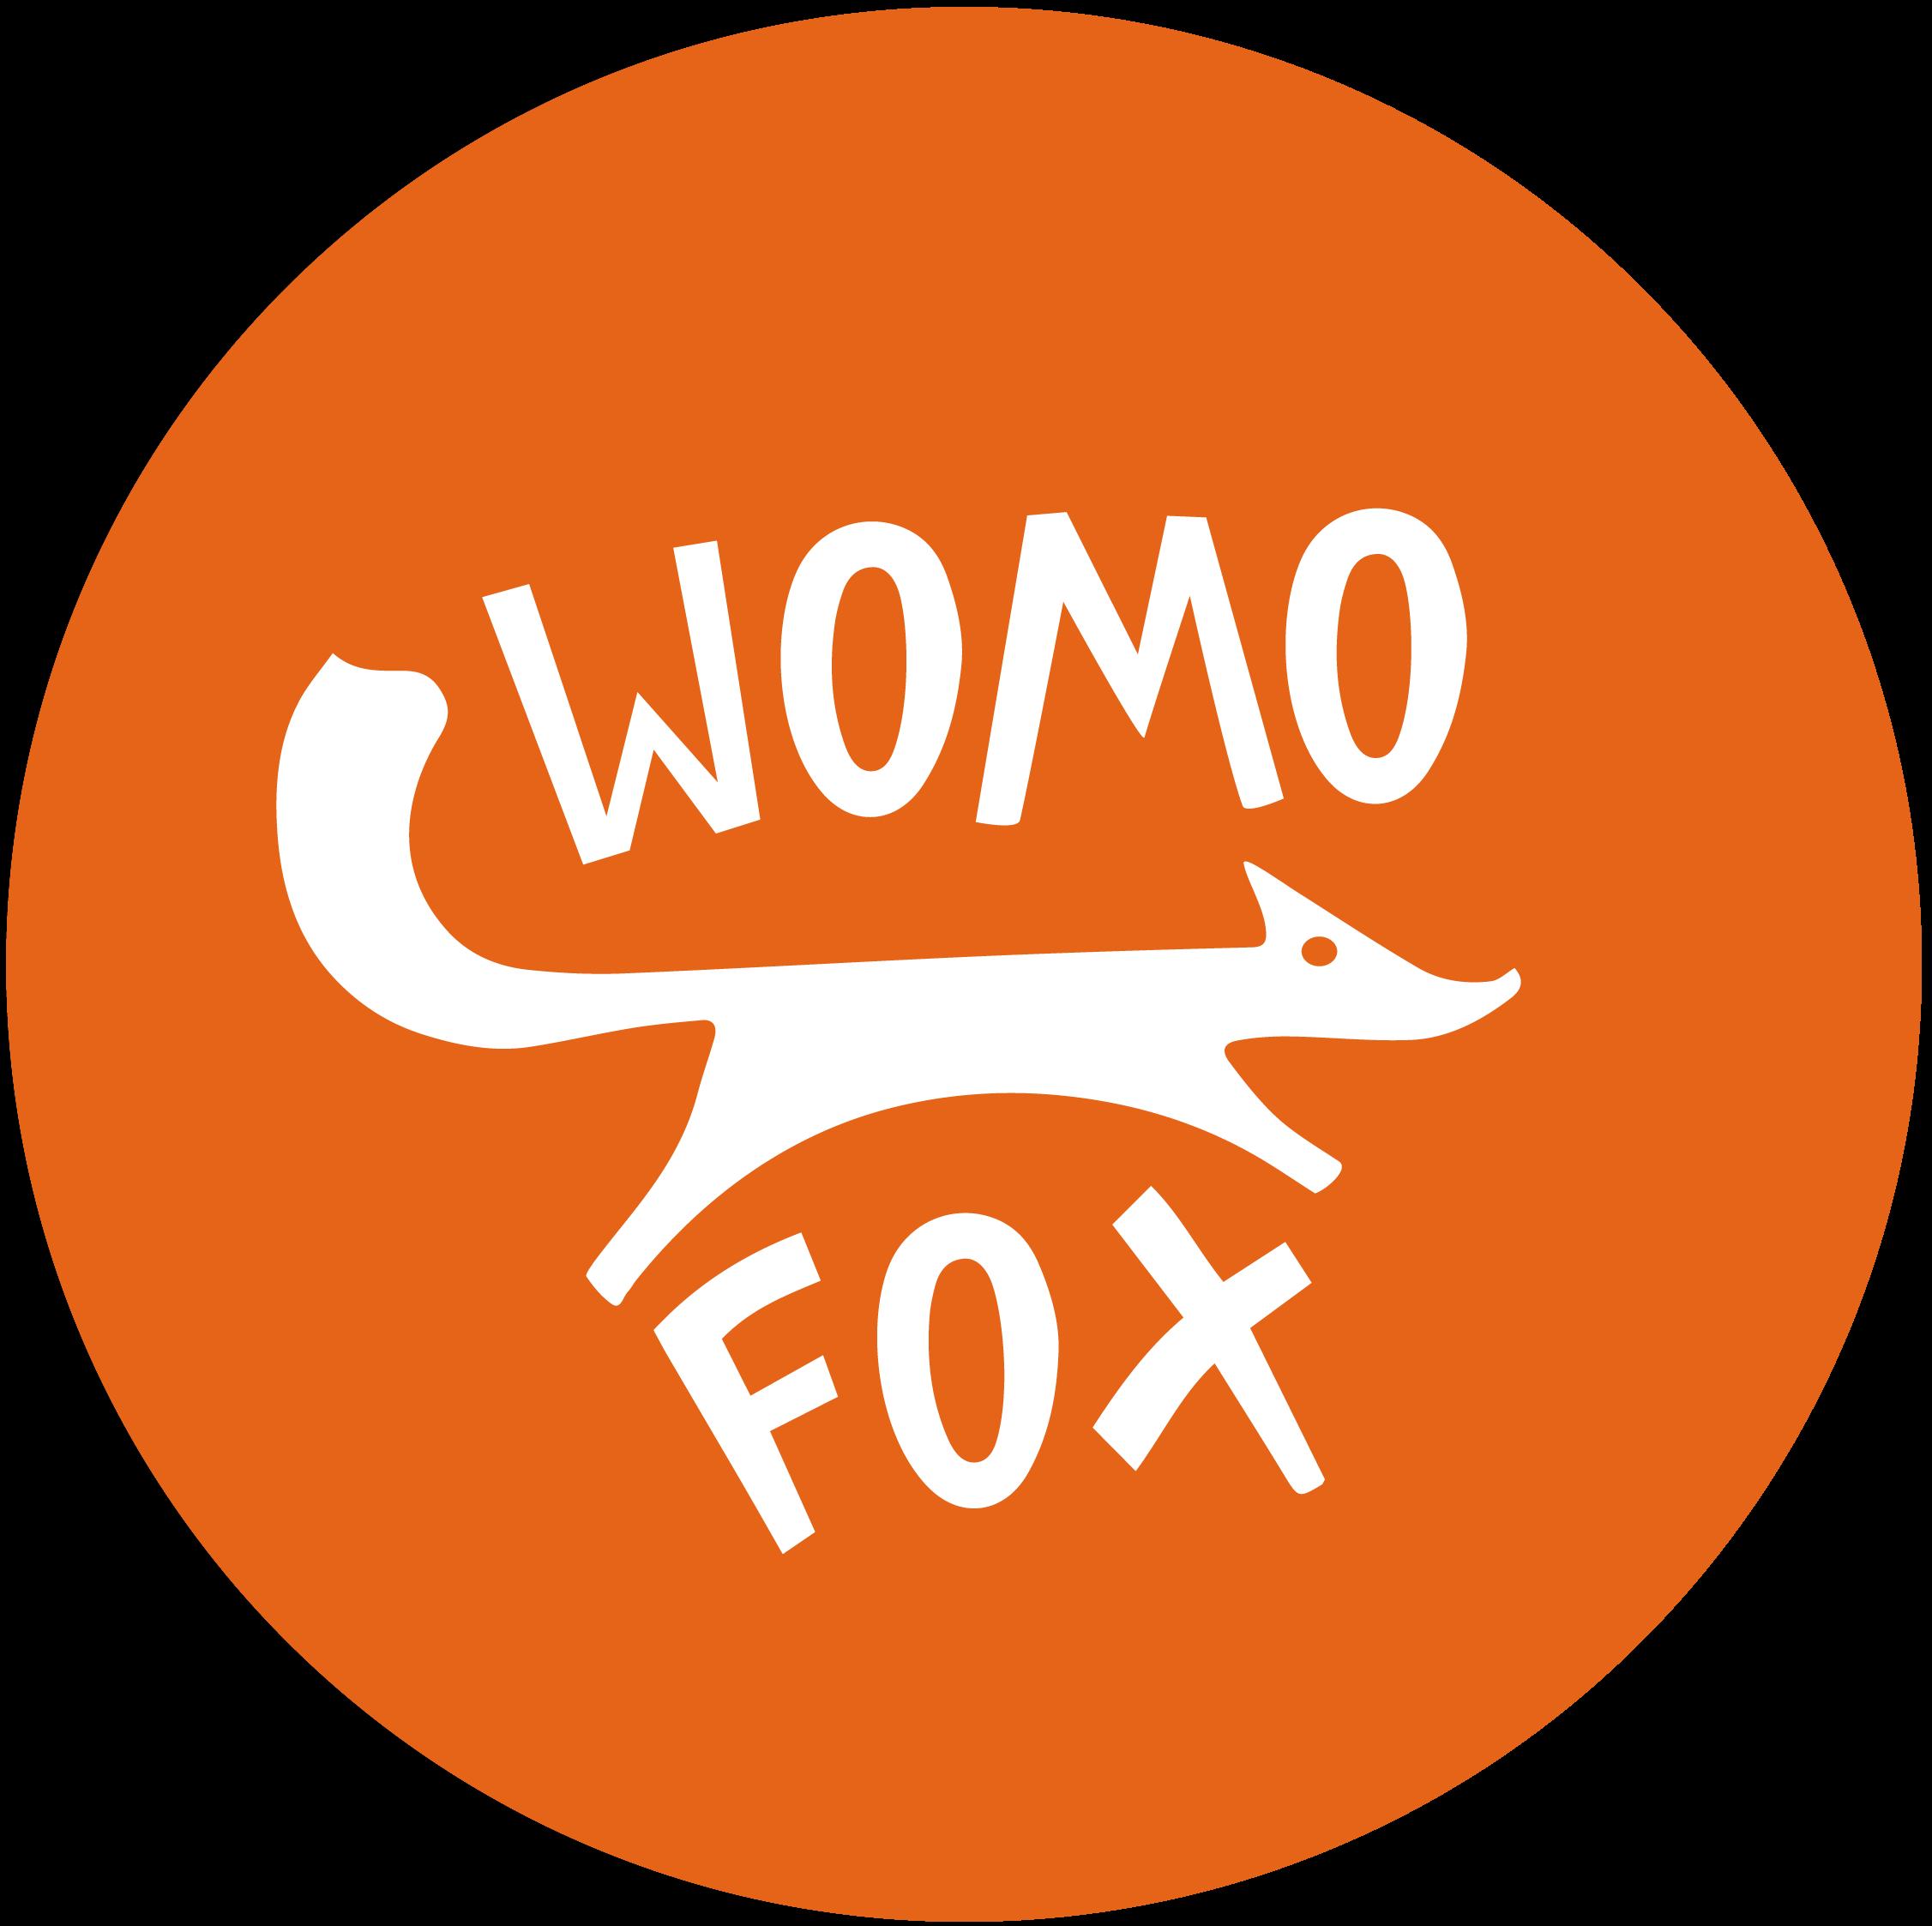 WOMOFOX · Wohnmobilurlaub buch´ ich im Reisebüro gesucht .. gefunden … gebucht